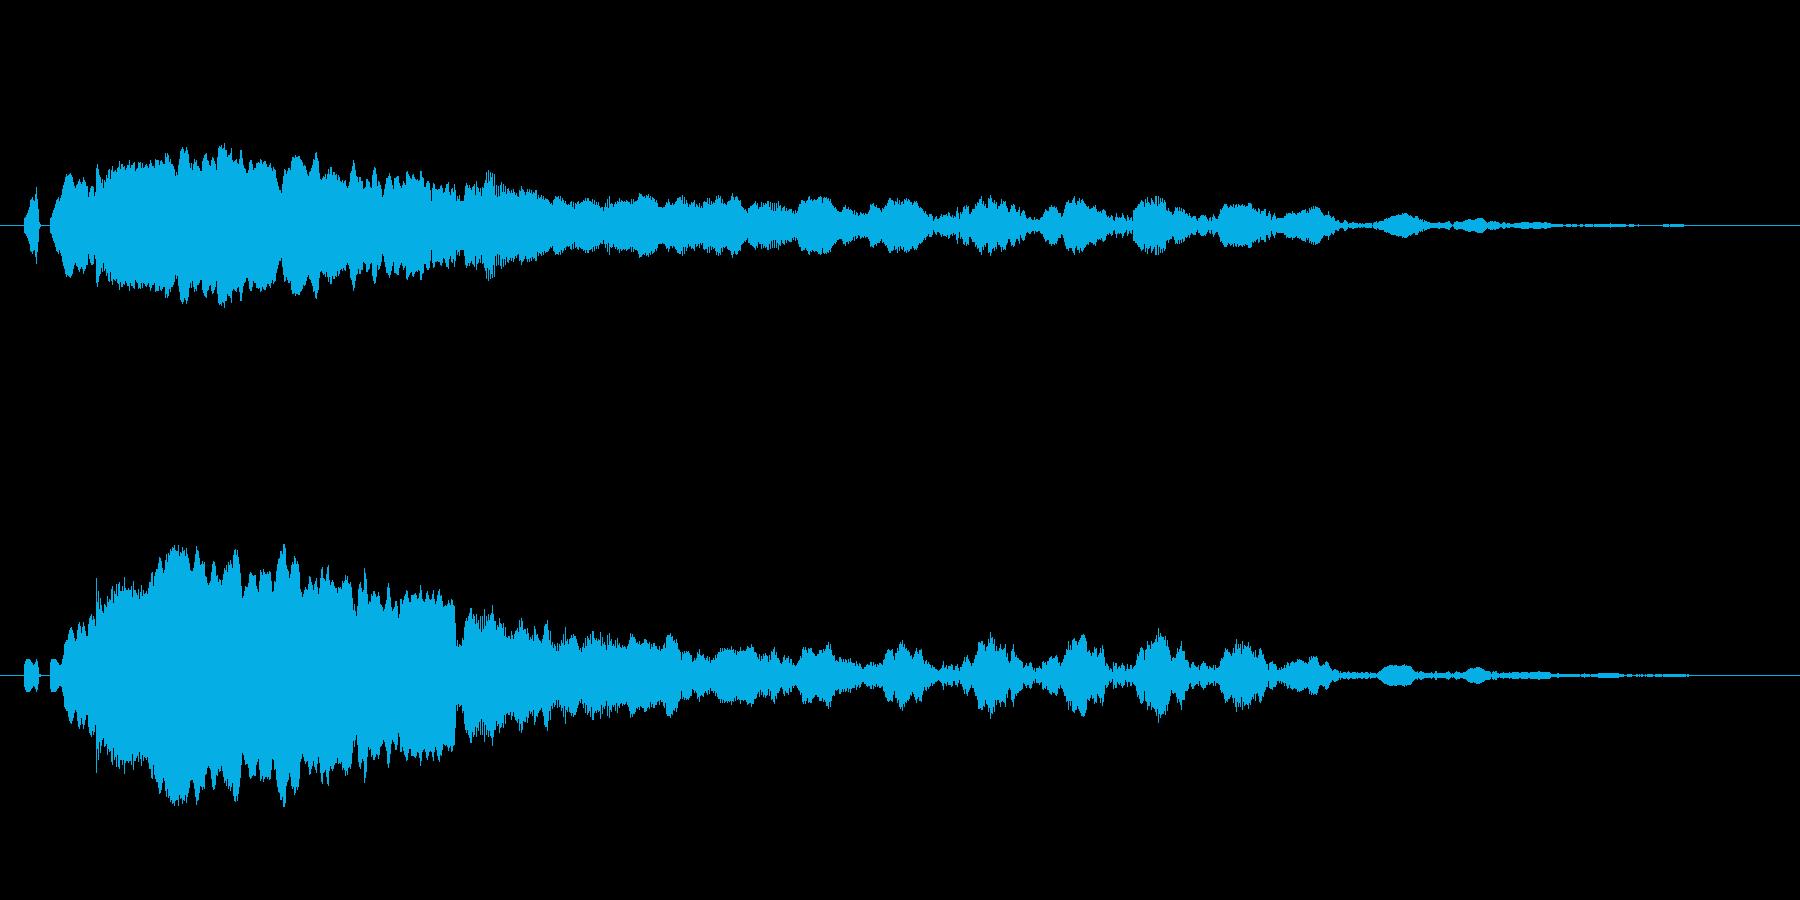 「ピーヒョロロ」鳶、とんびの鳴き声02!の再生済みの波形